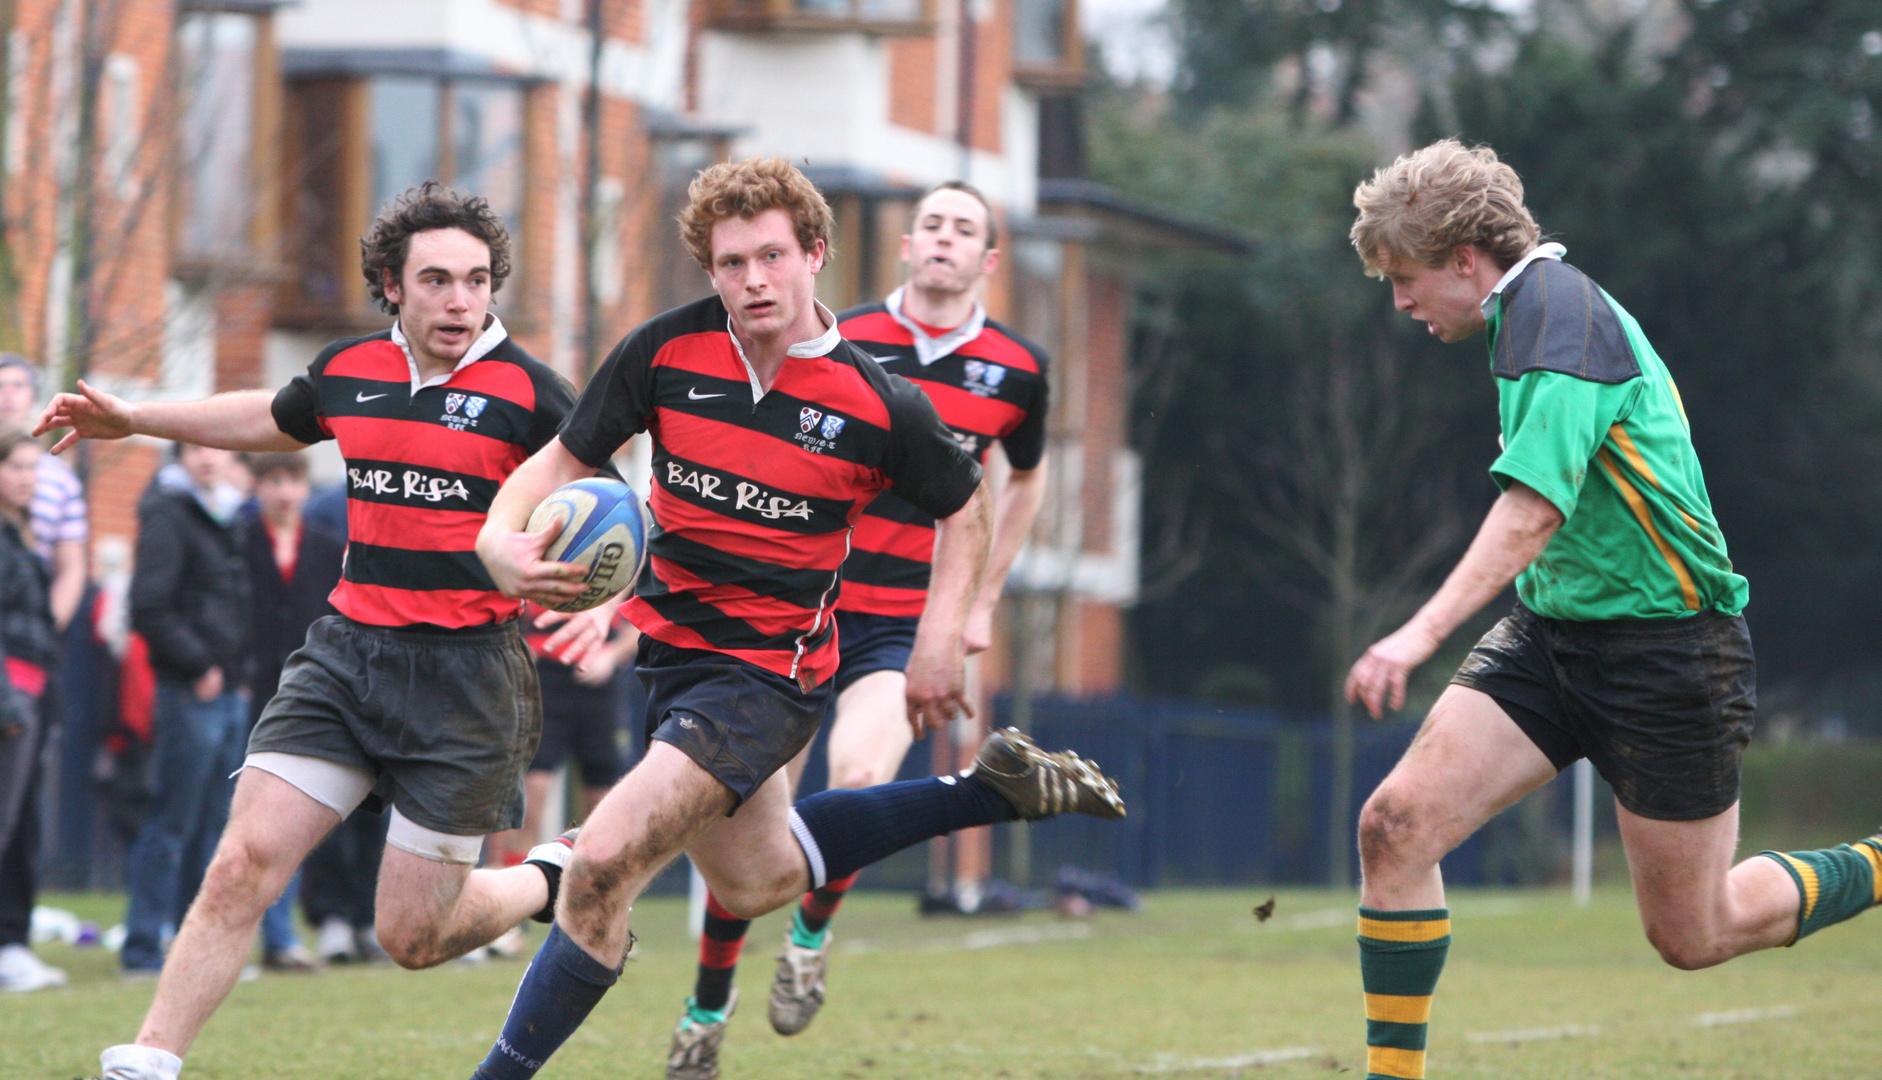 rugby1.1.jpg